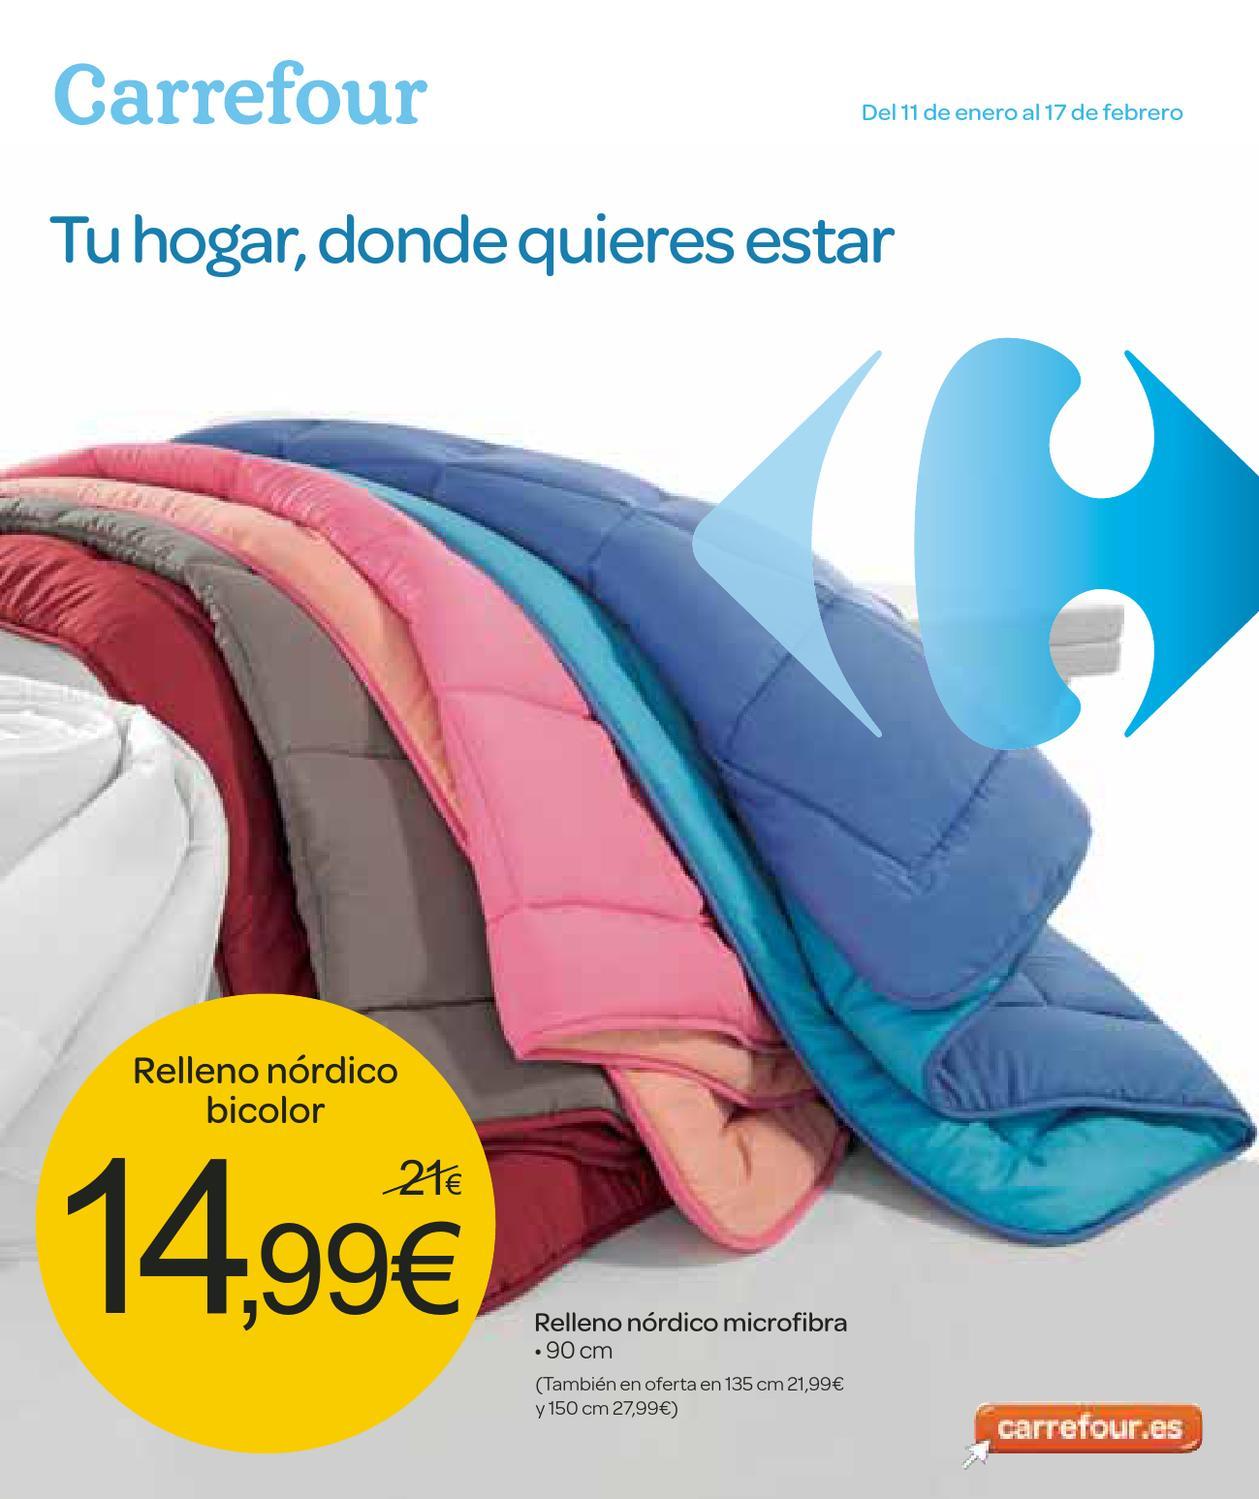 Carrefour catalogo ofertas para el hogar by hackos ecc issuu for Relleno puff ikea